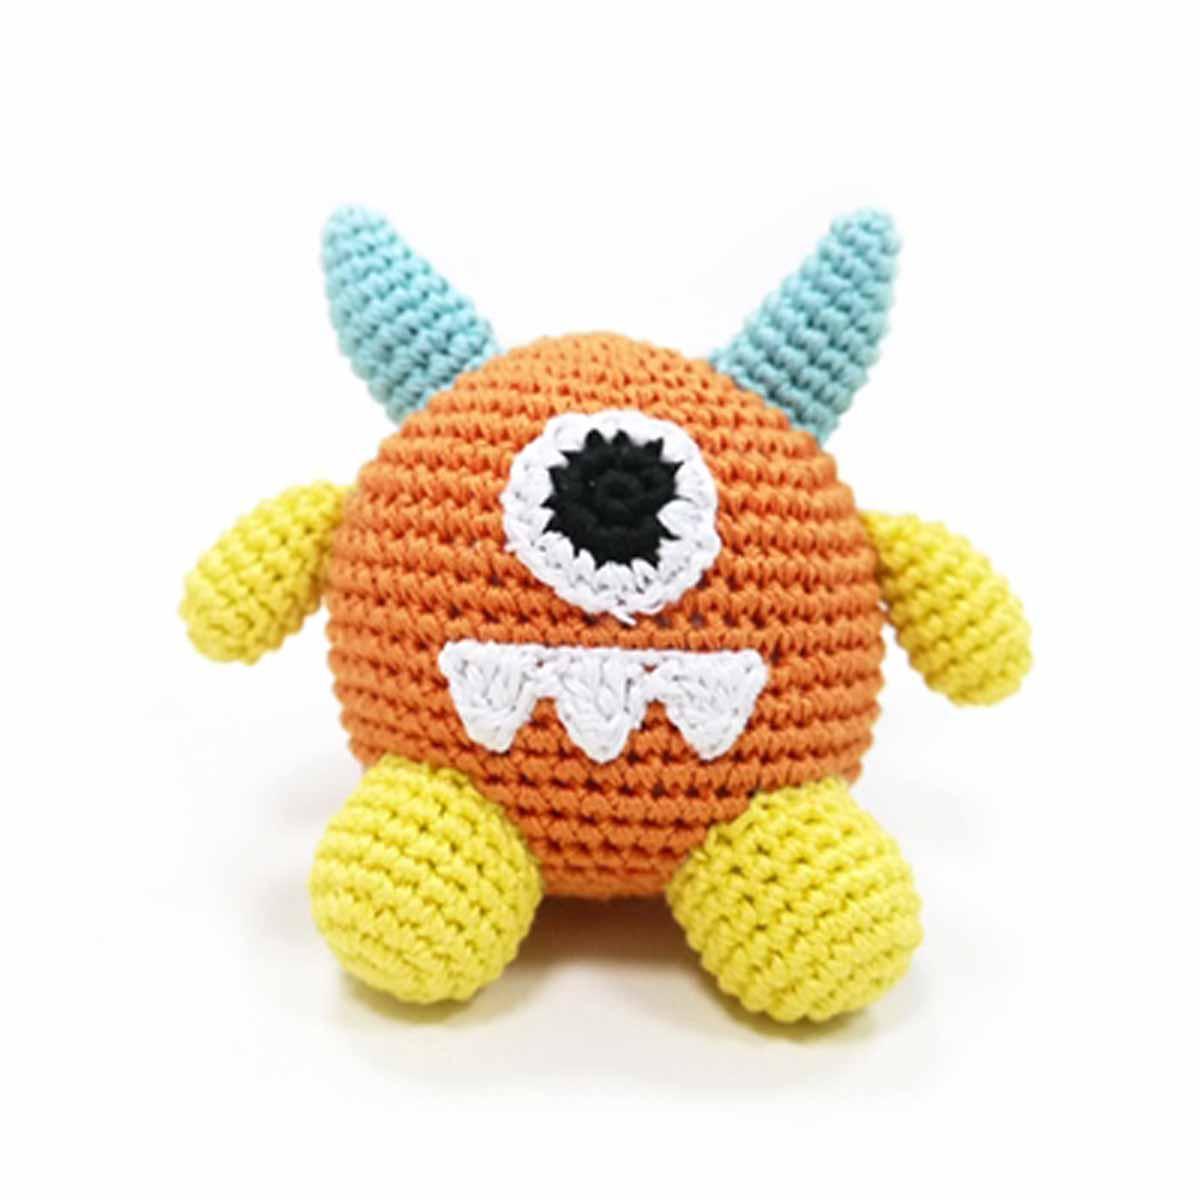 Monster Crochet Dog Toy by Dogo - Orange